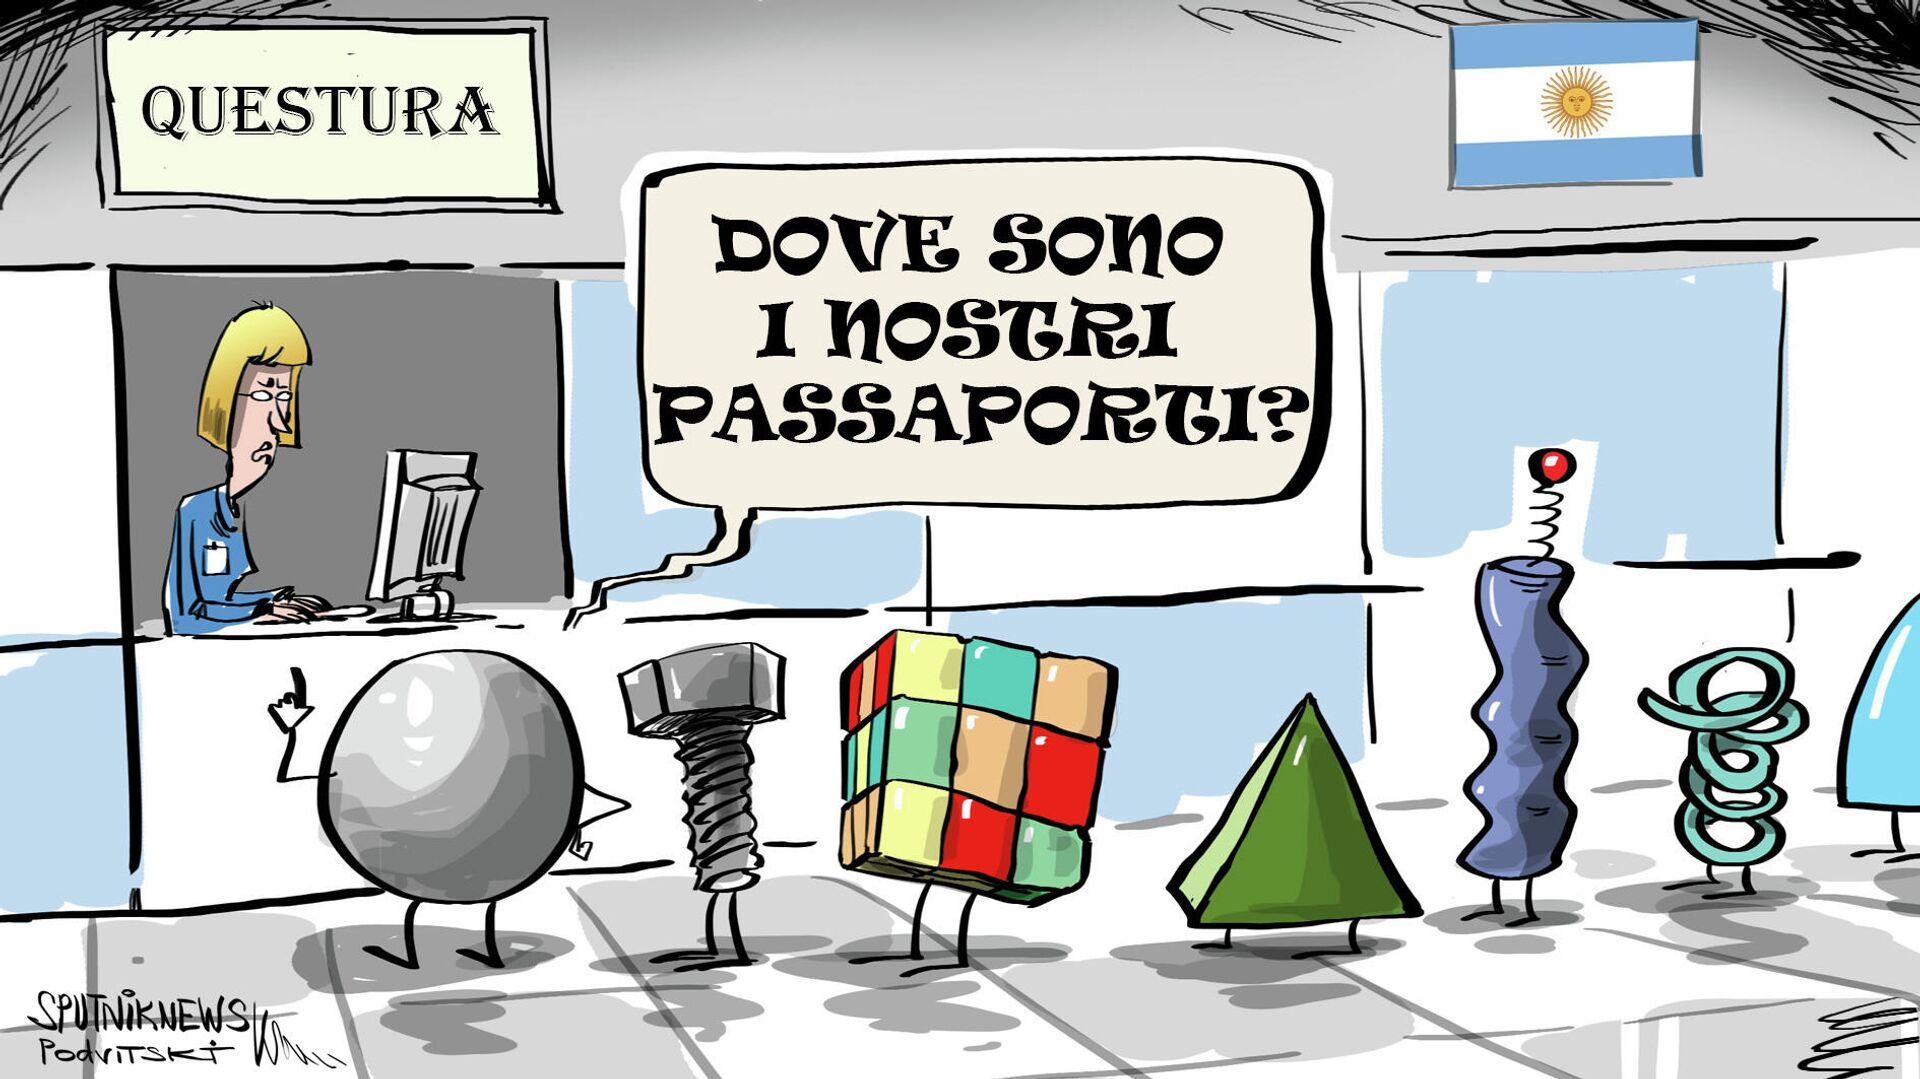 Dove sono i nostri passaporti? - Sputnik Italia, 1920, 22.07.2021